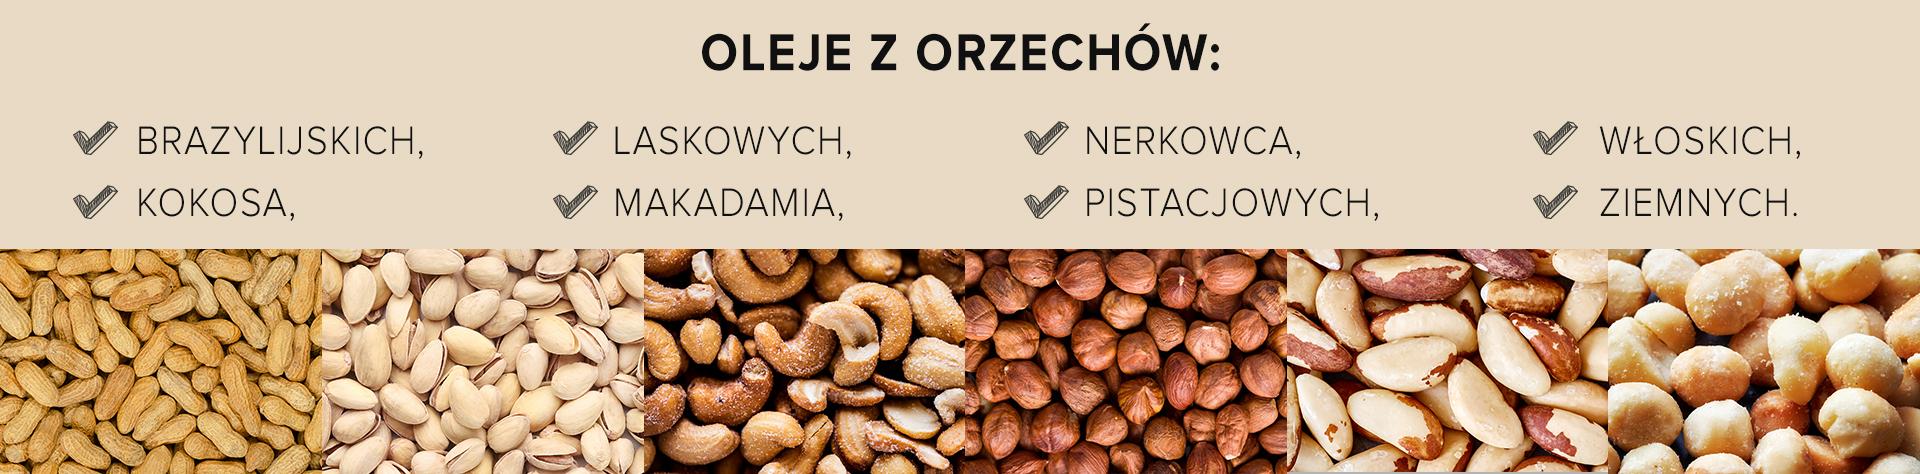 Oleje z orzechów brazylijskich, kokosa, laskowych, makadamia, nerkowca, pistacjowych, włoskich, ziemnych.style=